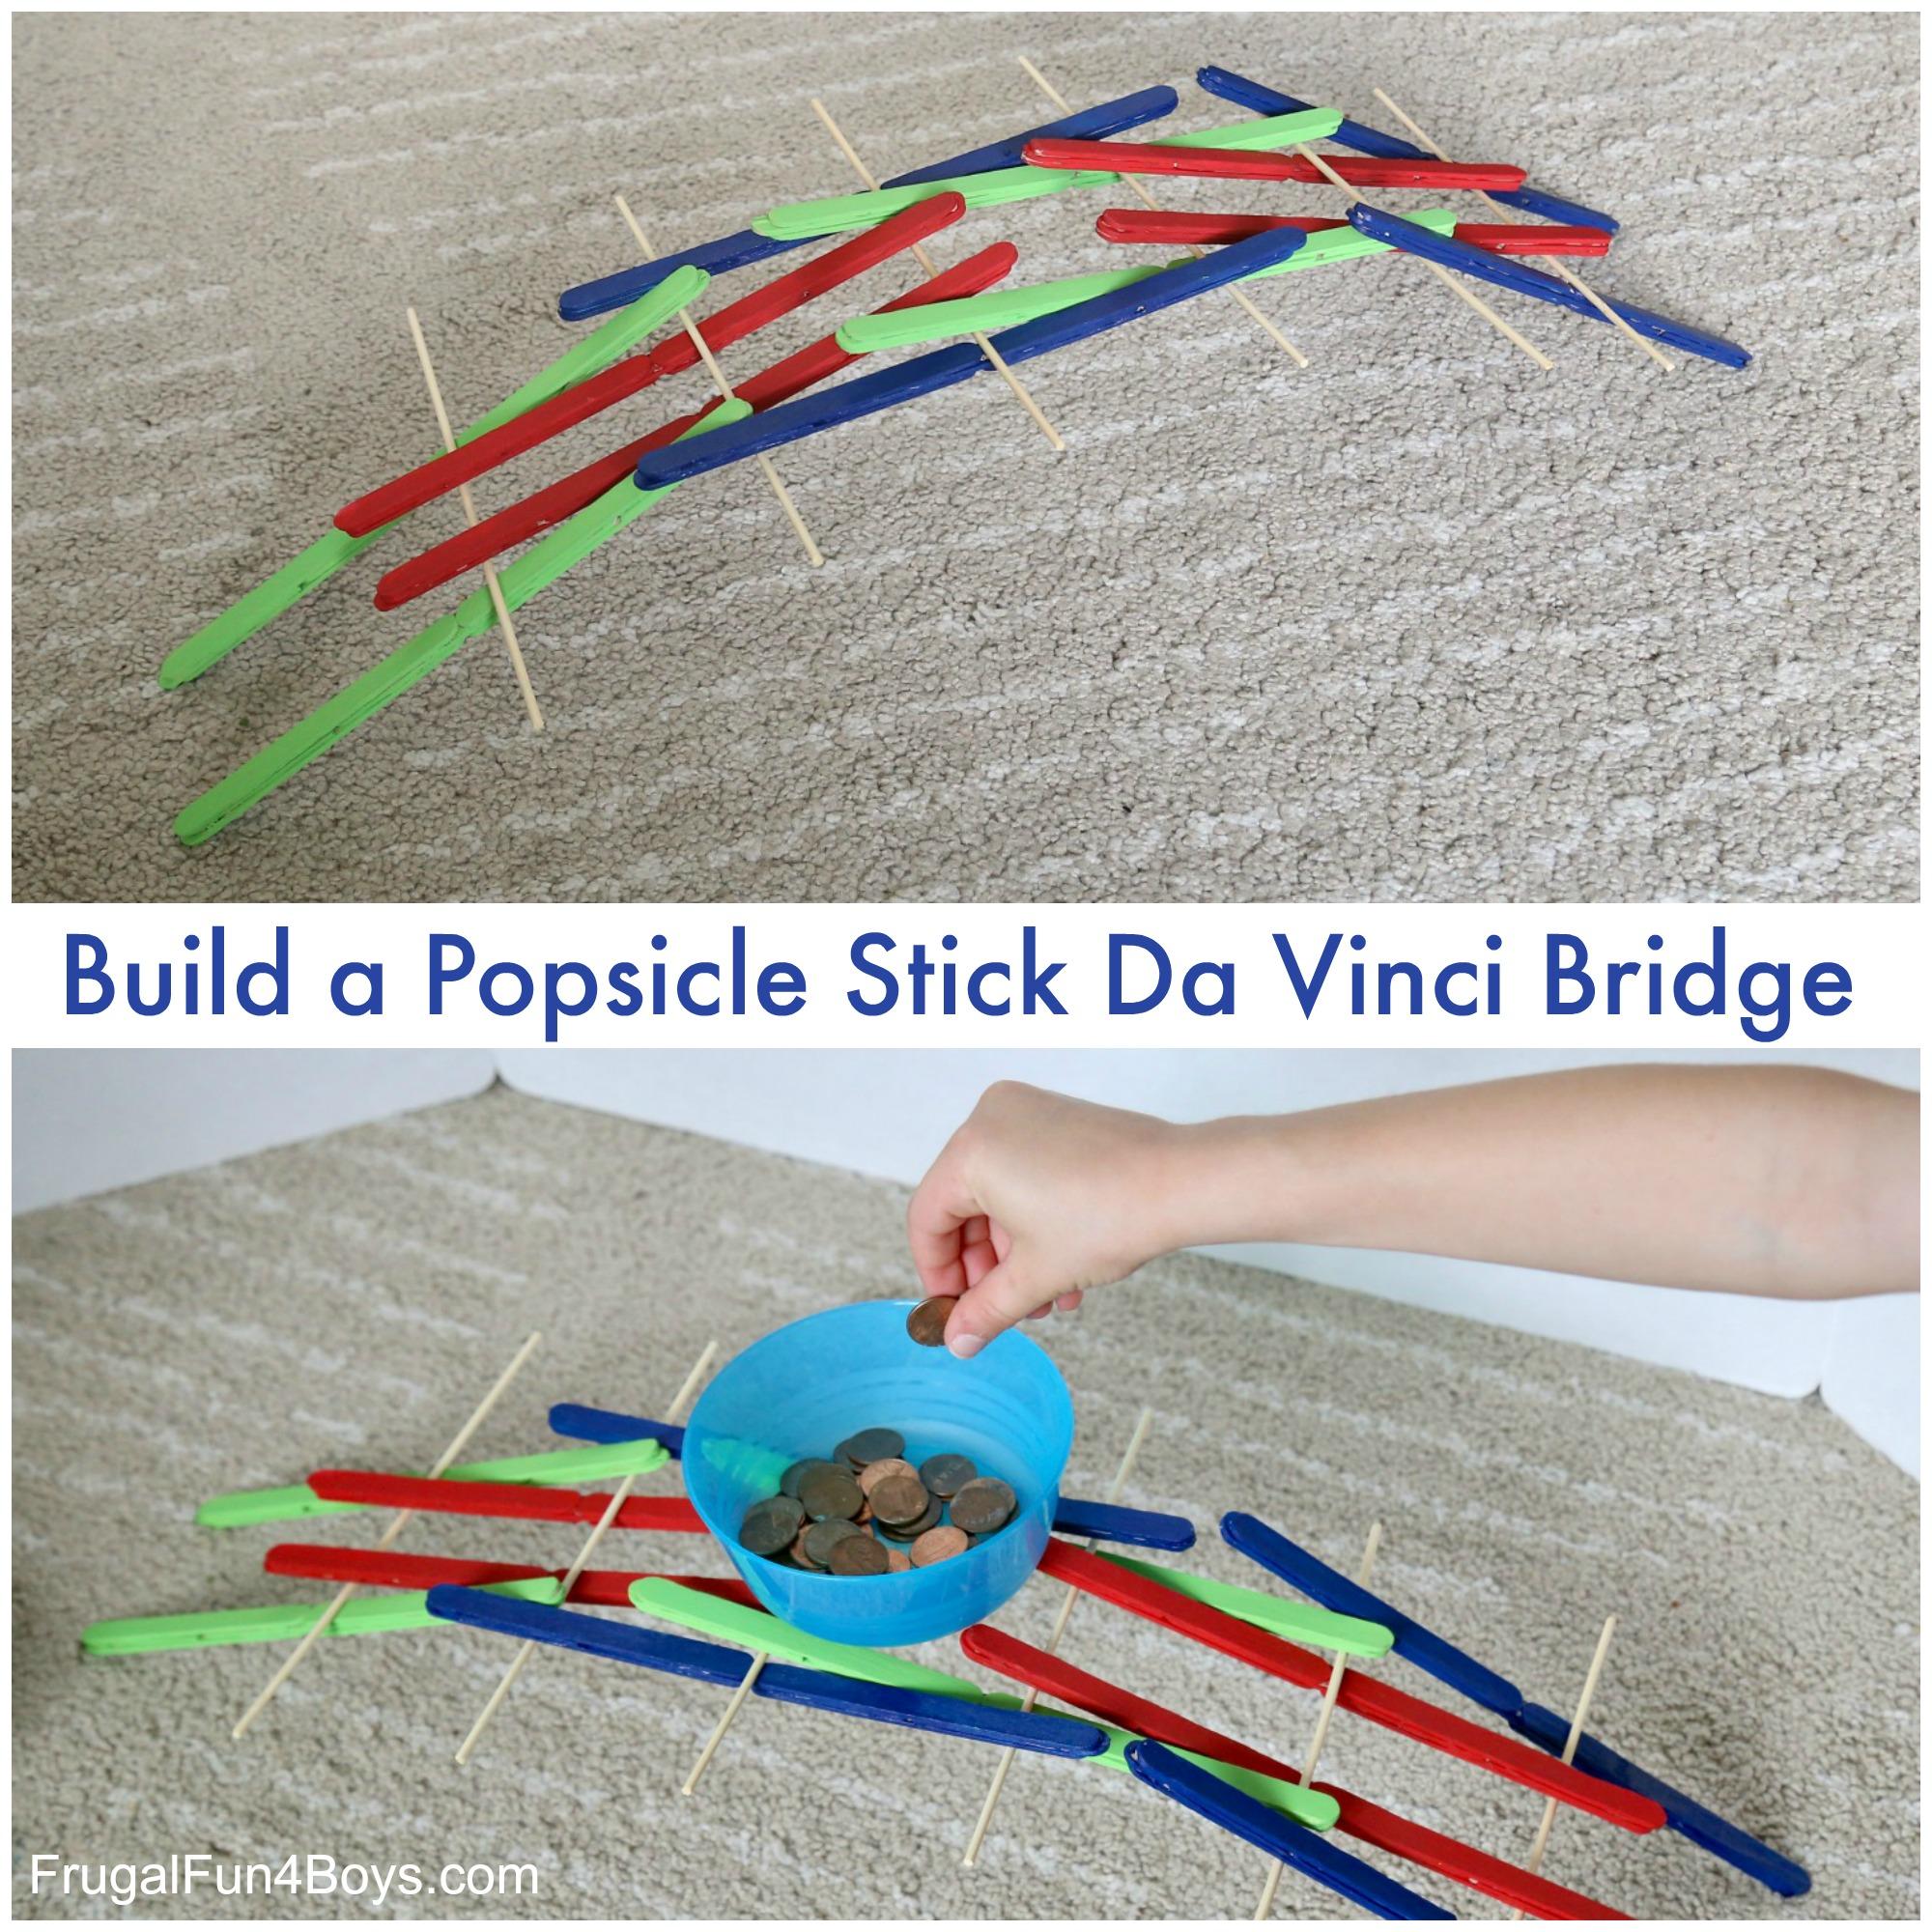 STEM Activity: Build a Popsicle Stick Da Vinci Bridge